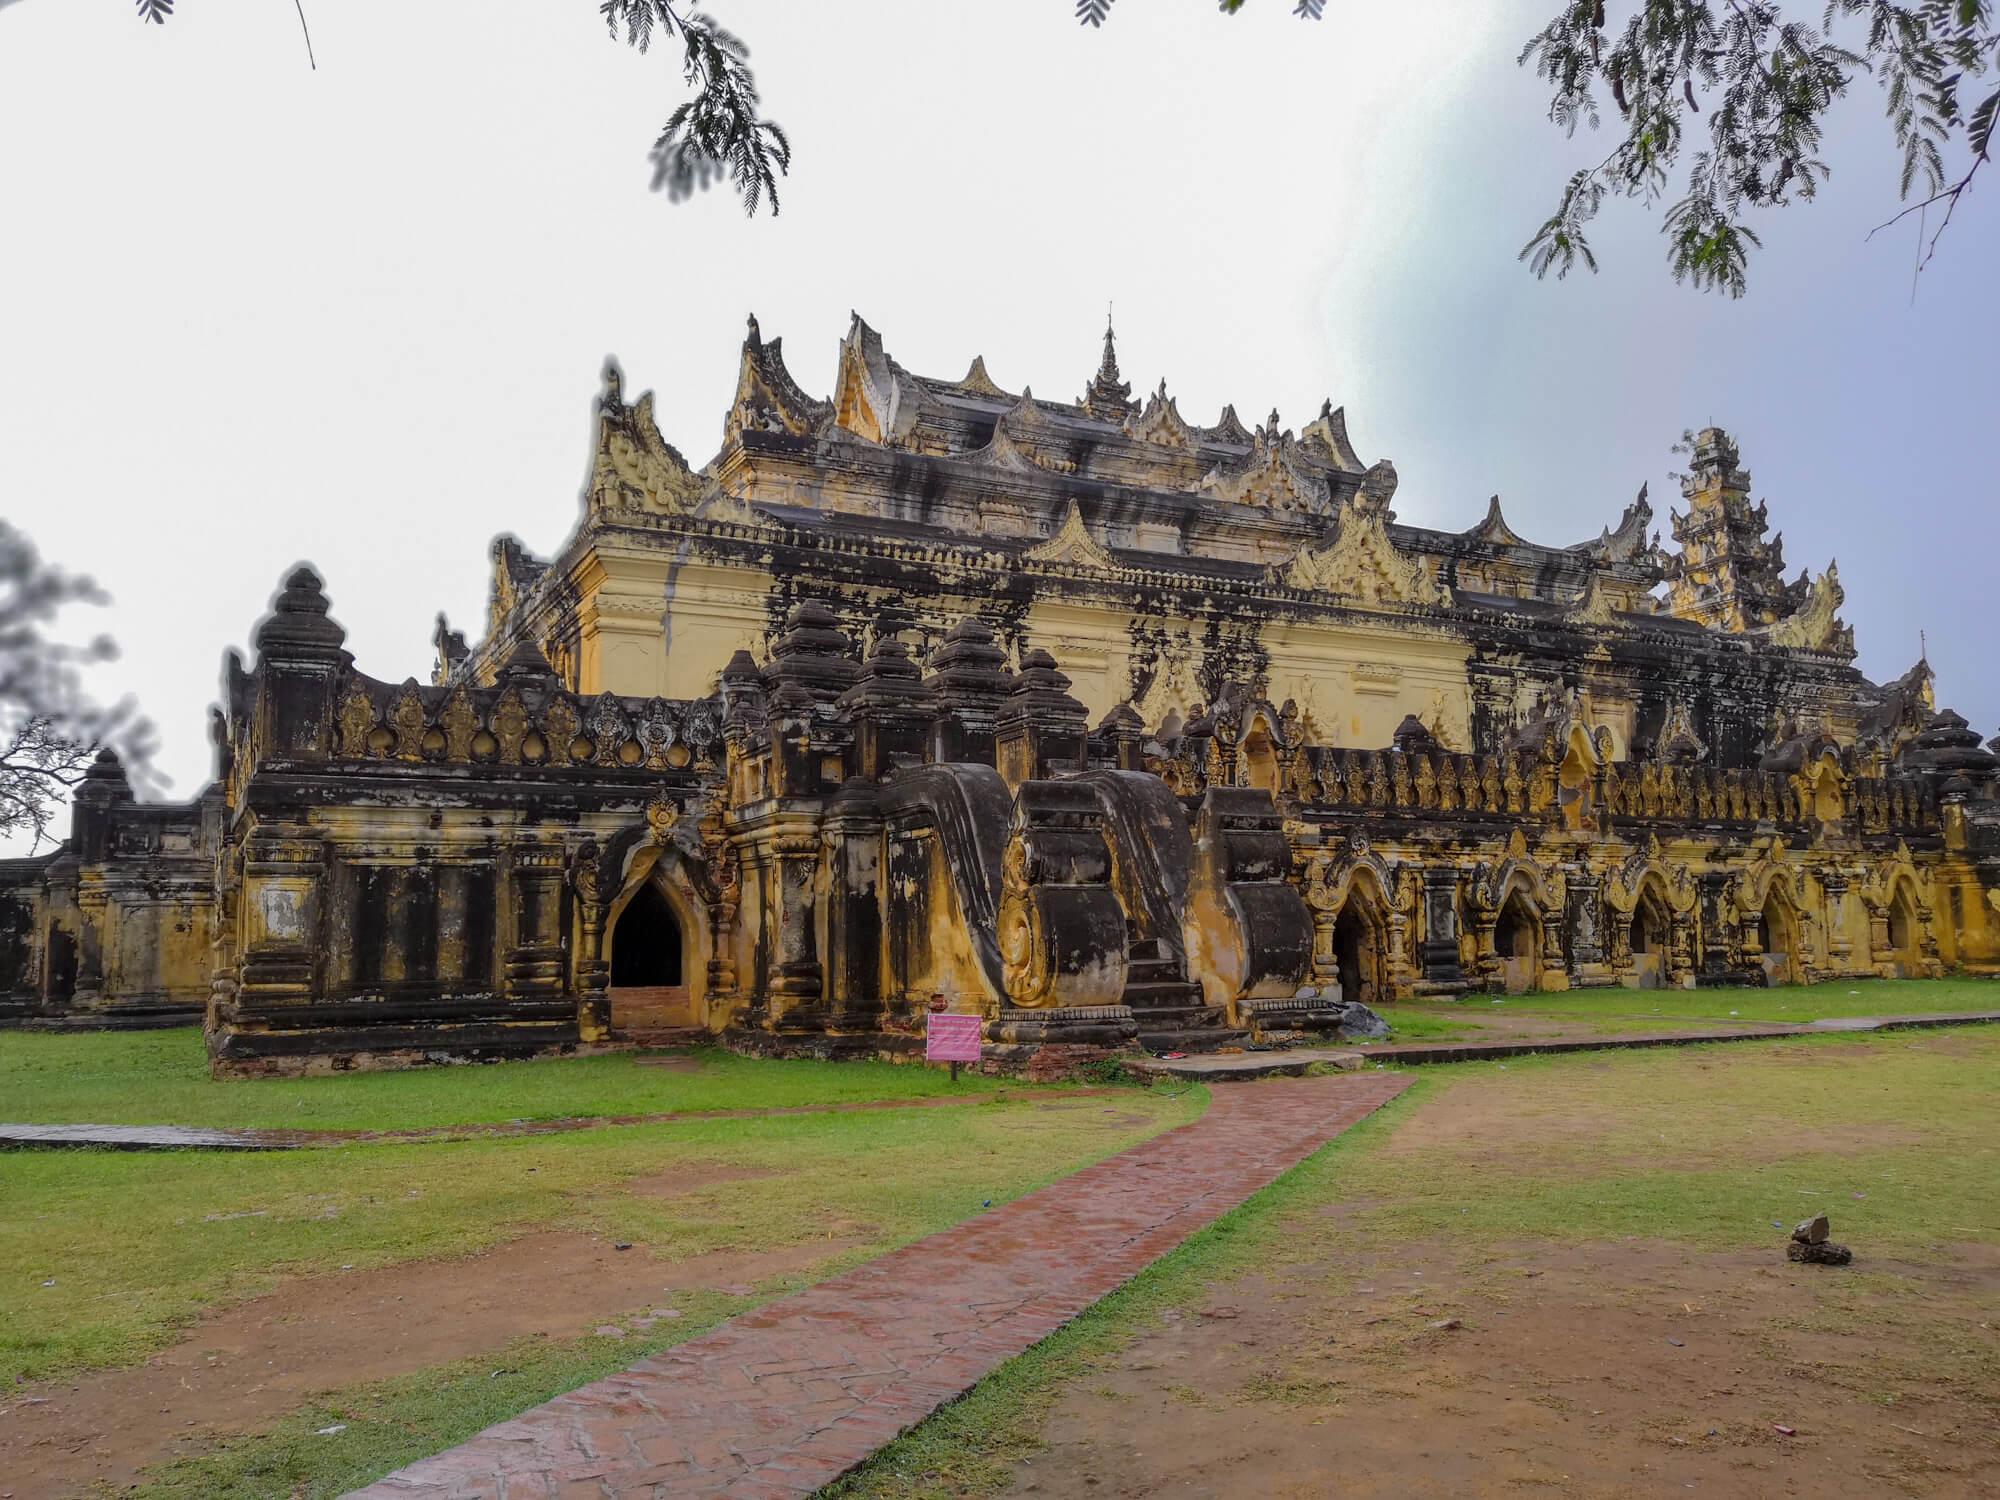 Le monastère Maha Aung Mye Bon Zan